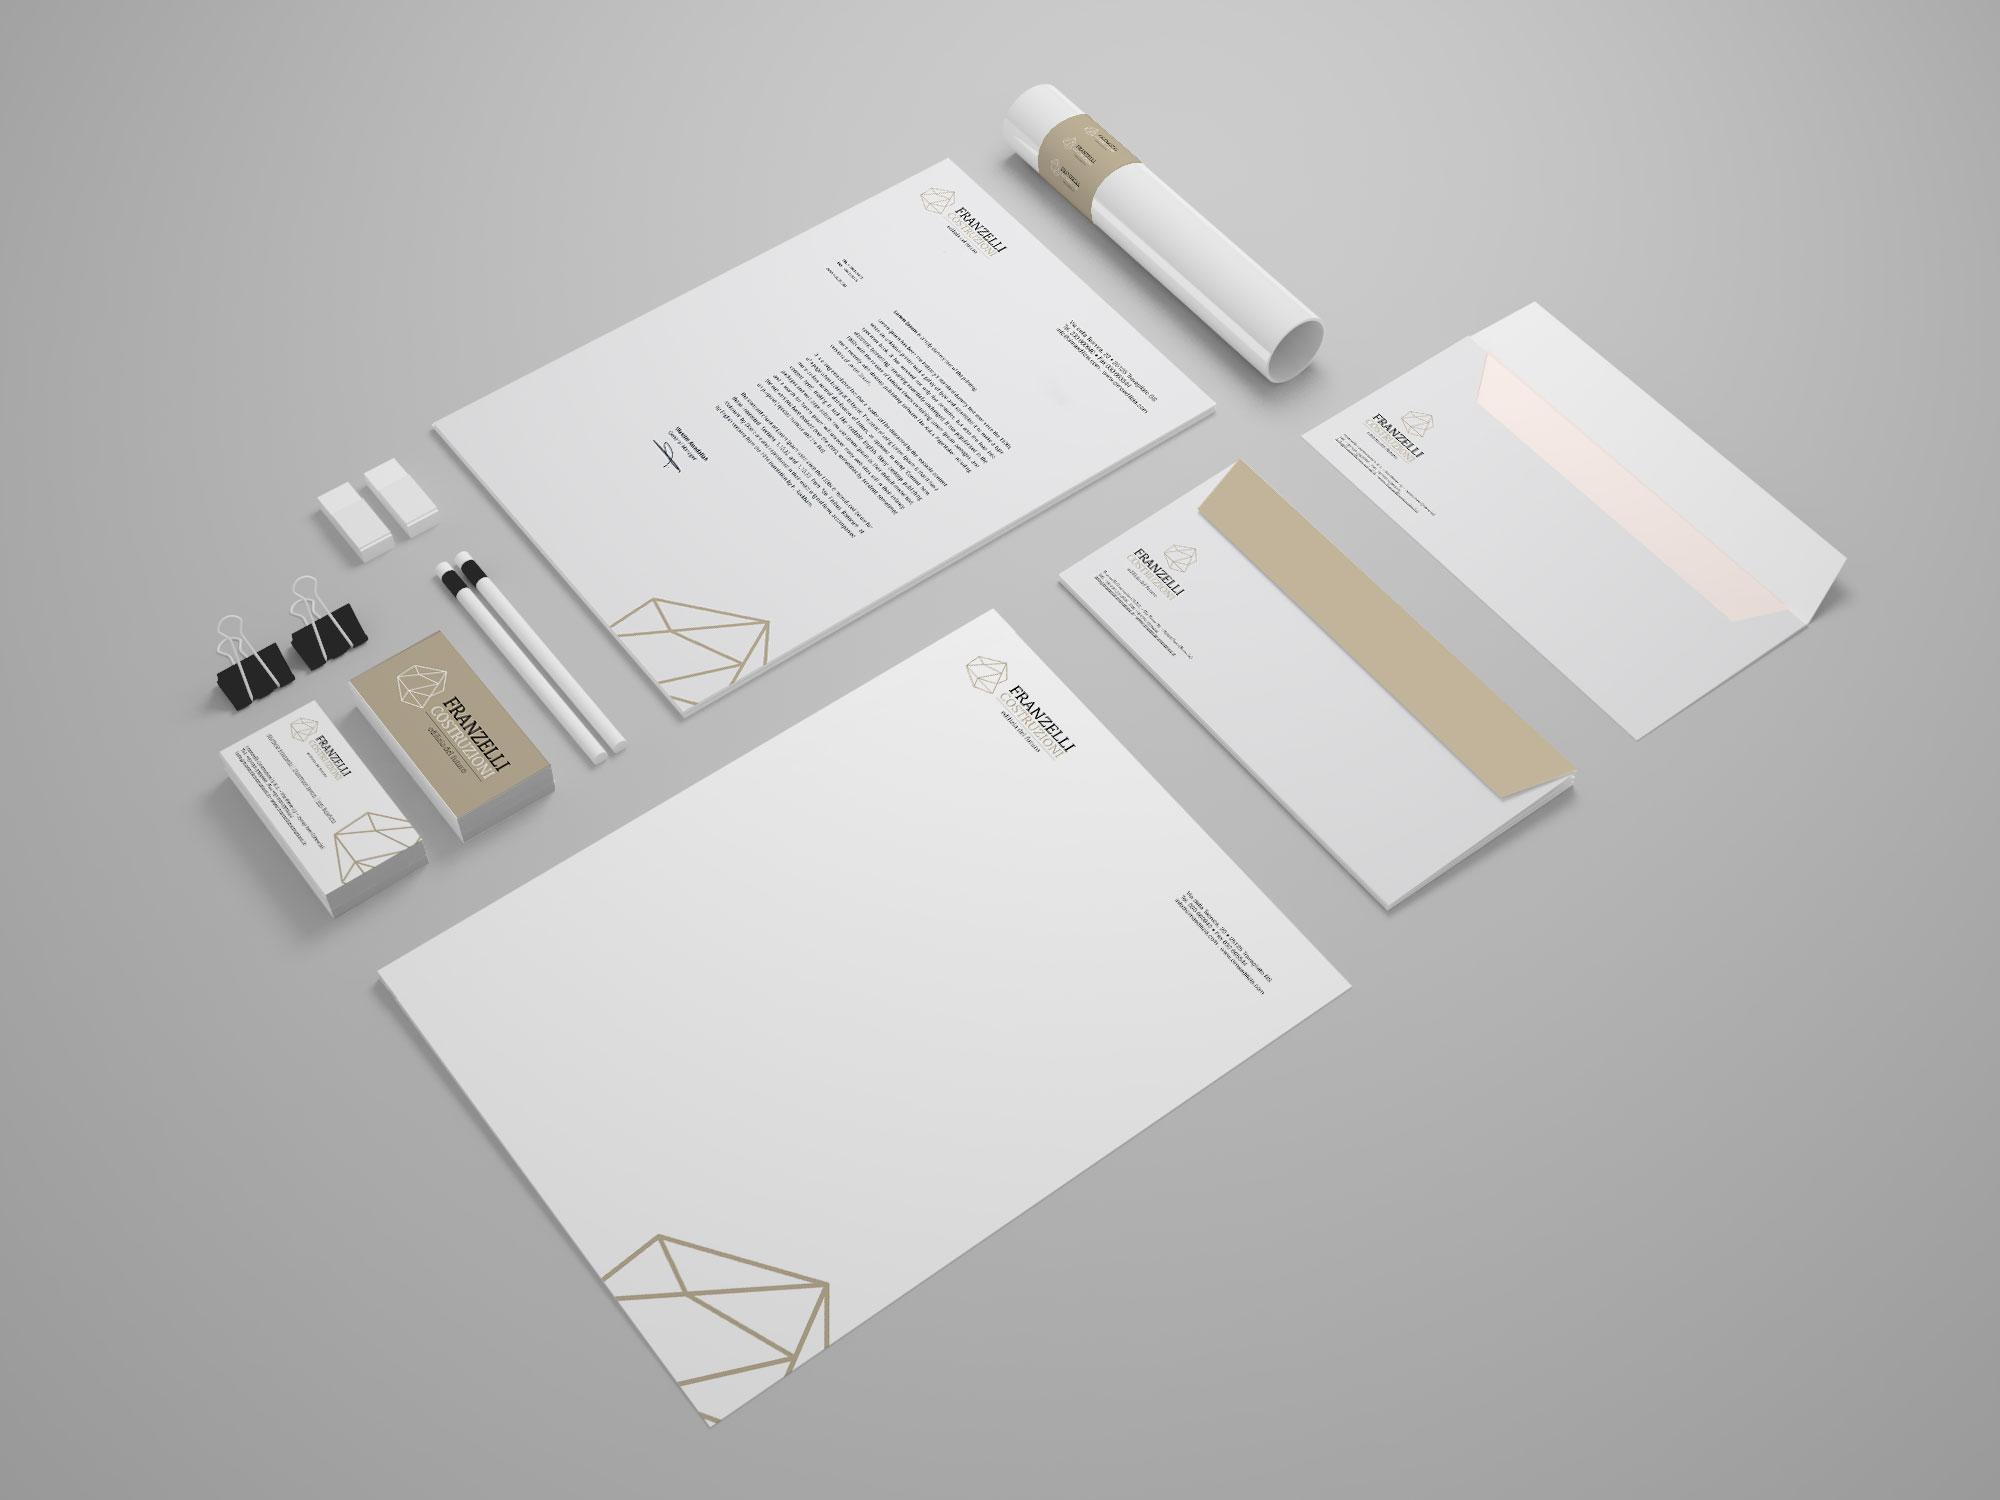 Franzelli Costruzioni - Immagine Coordinata - Creativamente Agenzia di Comunicazione a Brescia